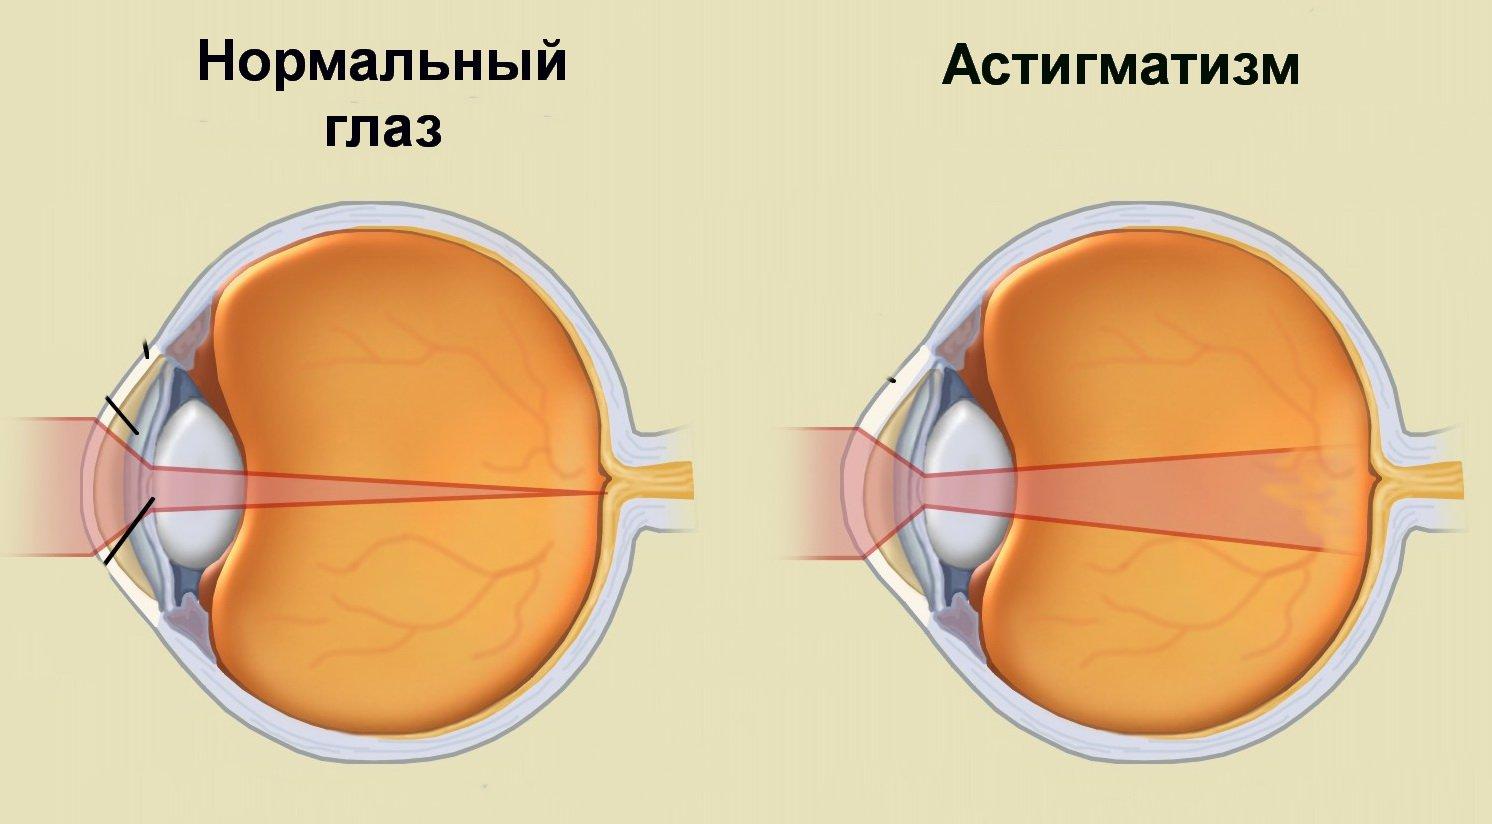 Gyakorlatok a látás helyreállításához jóga alapján